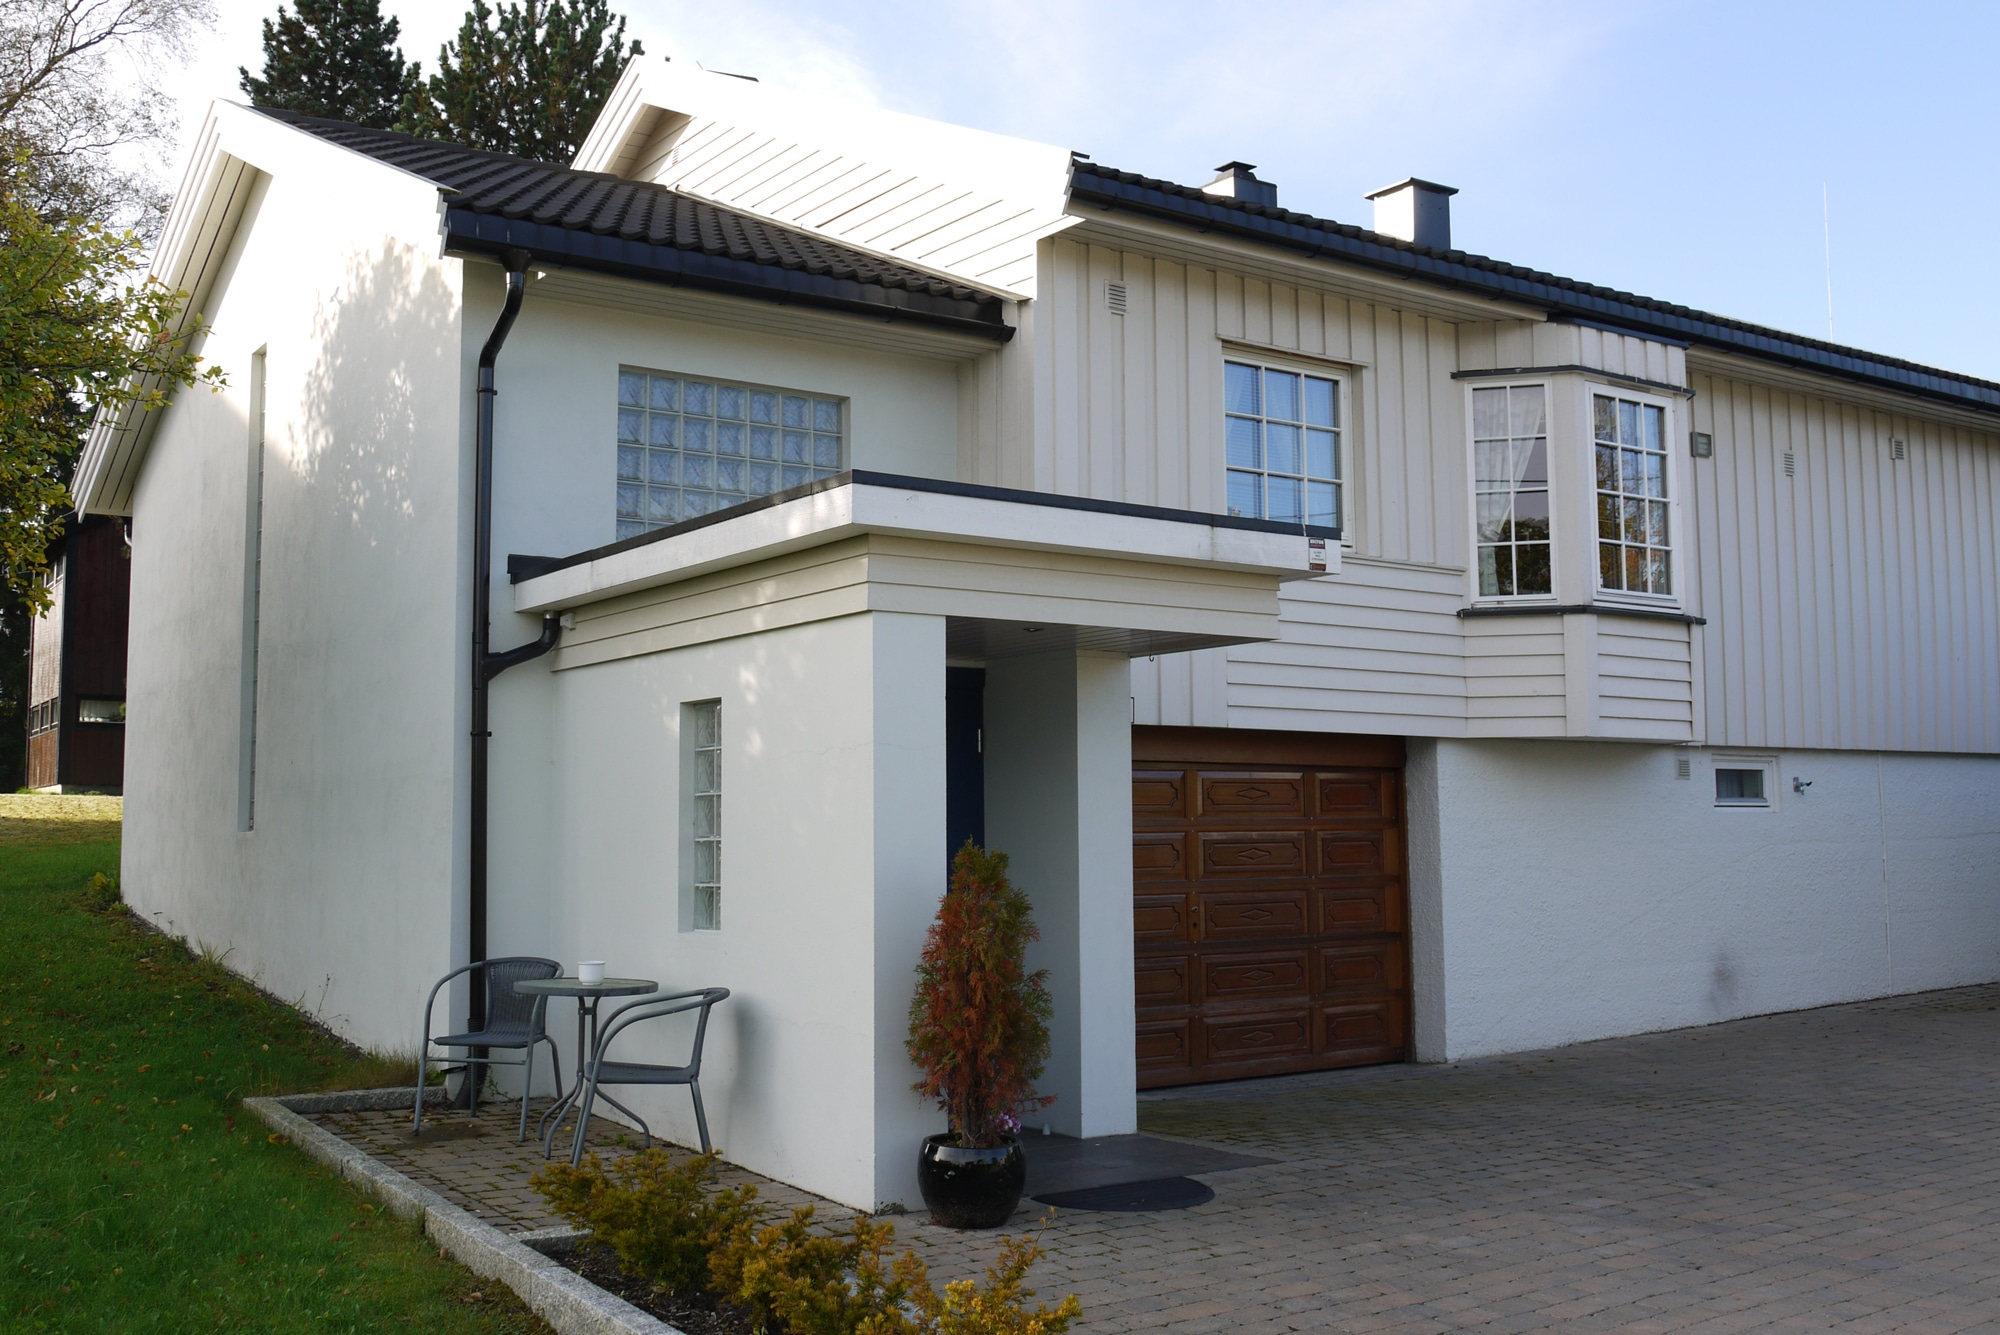 27 Tilbygg til bolig med nytt inngangsparti og garasje 02